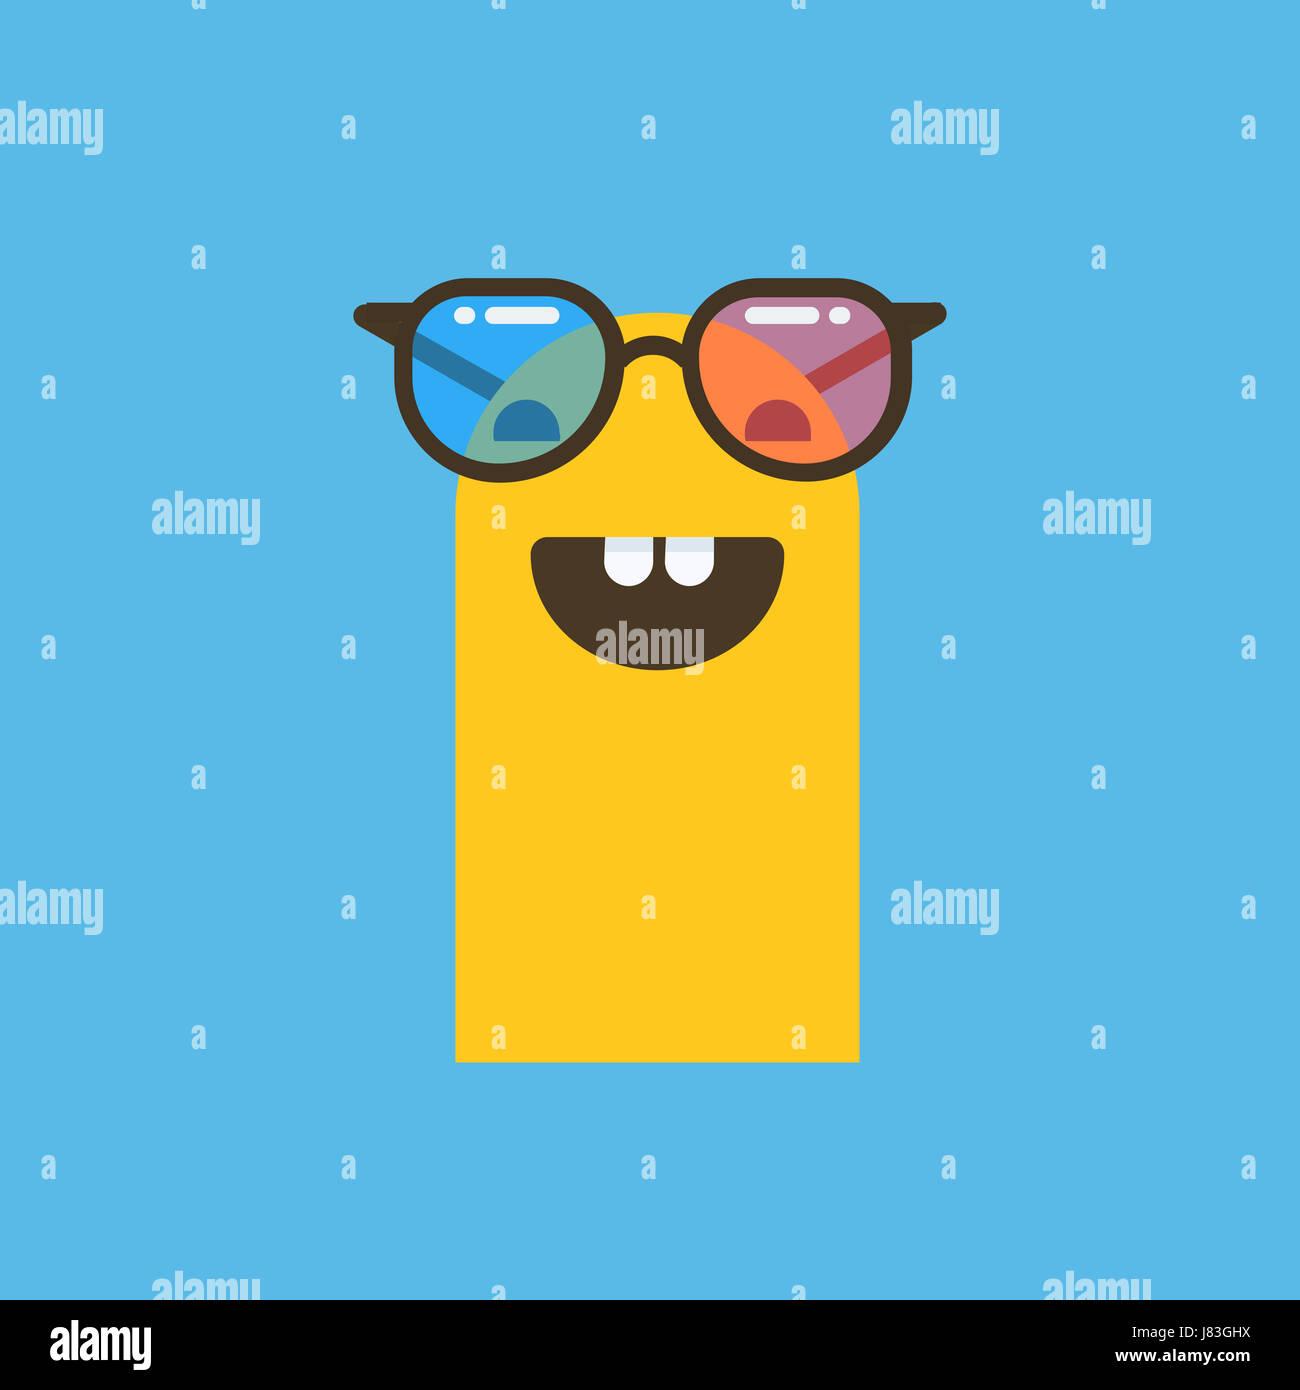 b80e802f787d6a ein lachendes Emoticon mit Sonne Brille Abbildung auf einem einfarbigen  Hintergrund Stockbild